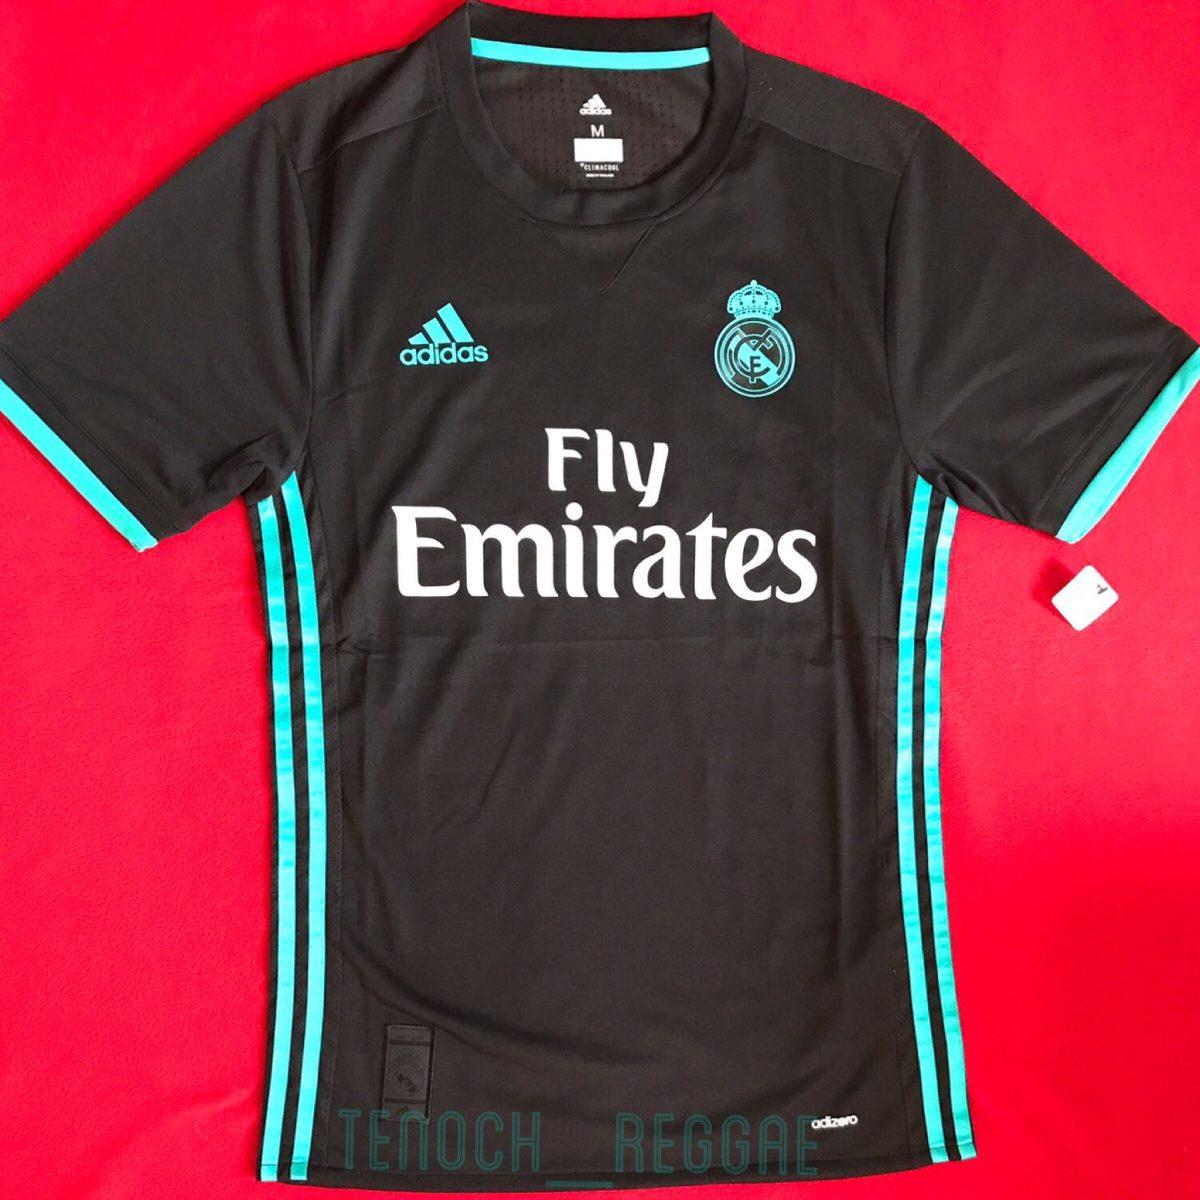 Jersey Real Madrid Visita 2017-2018 Adizero -   559.00 en Mercado Libre 64be80ec3efd8